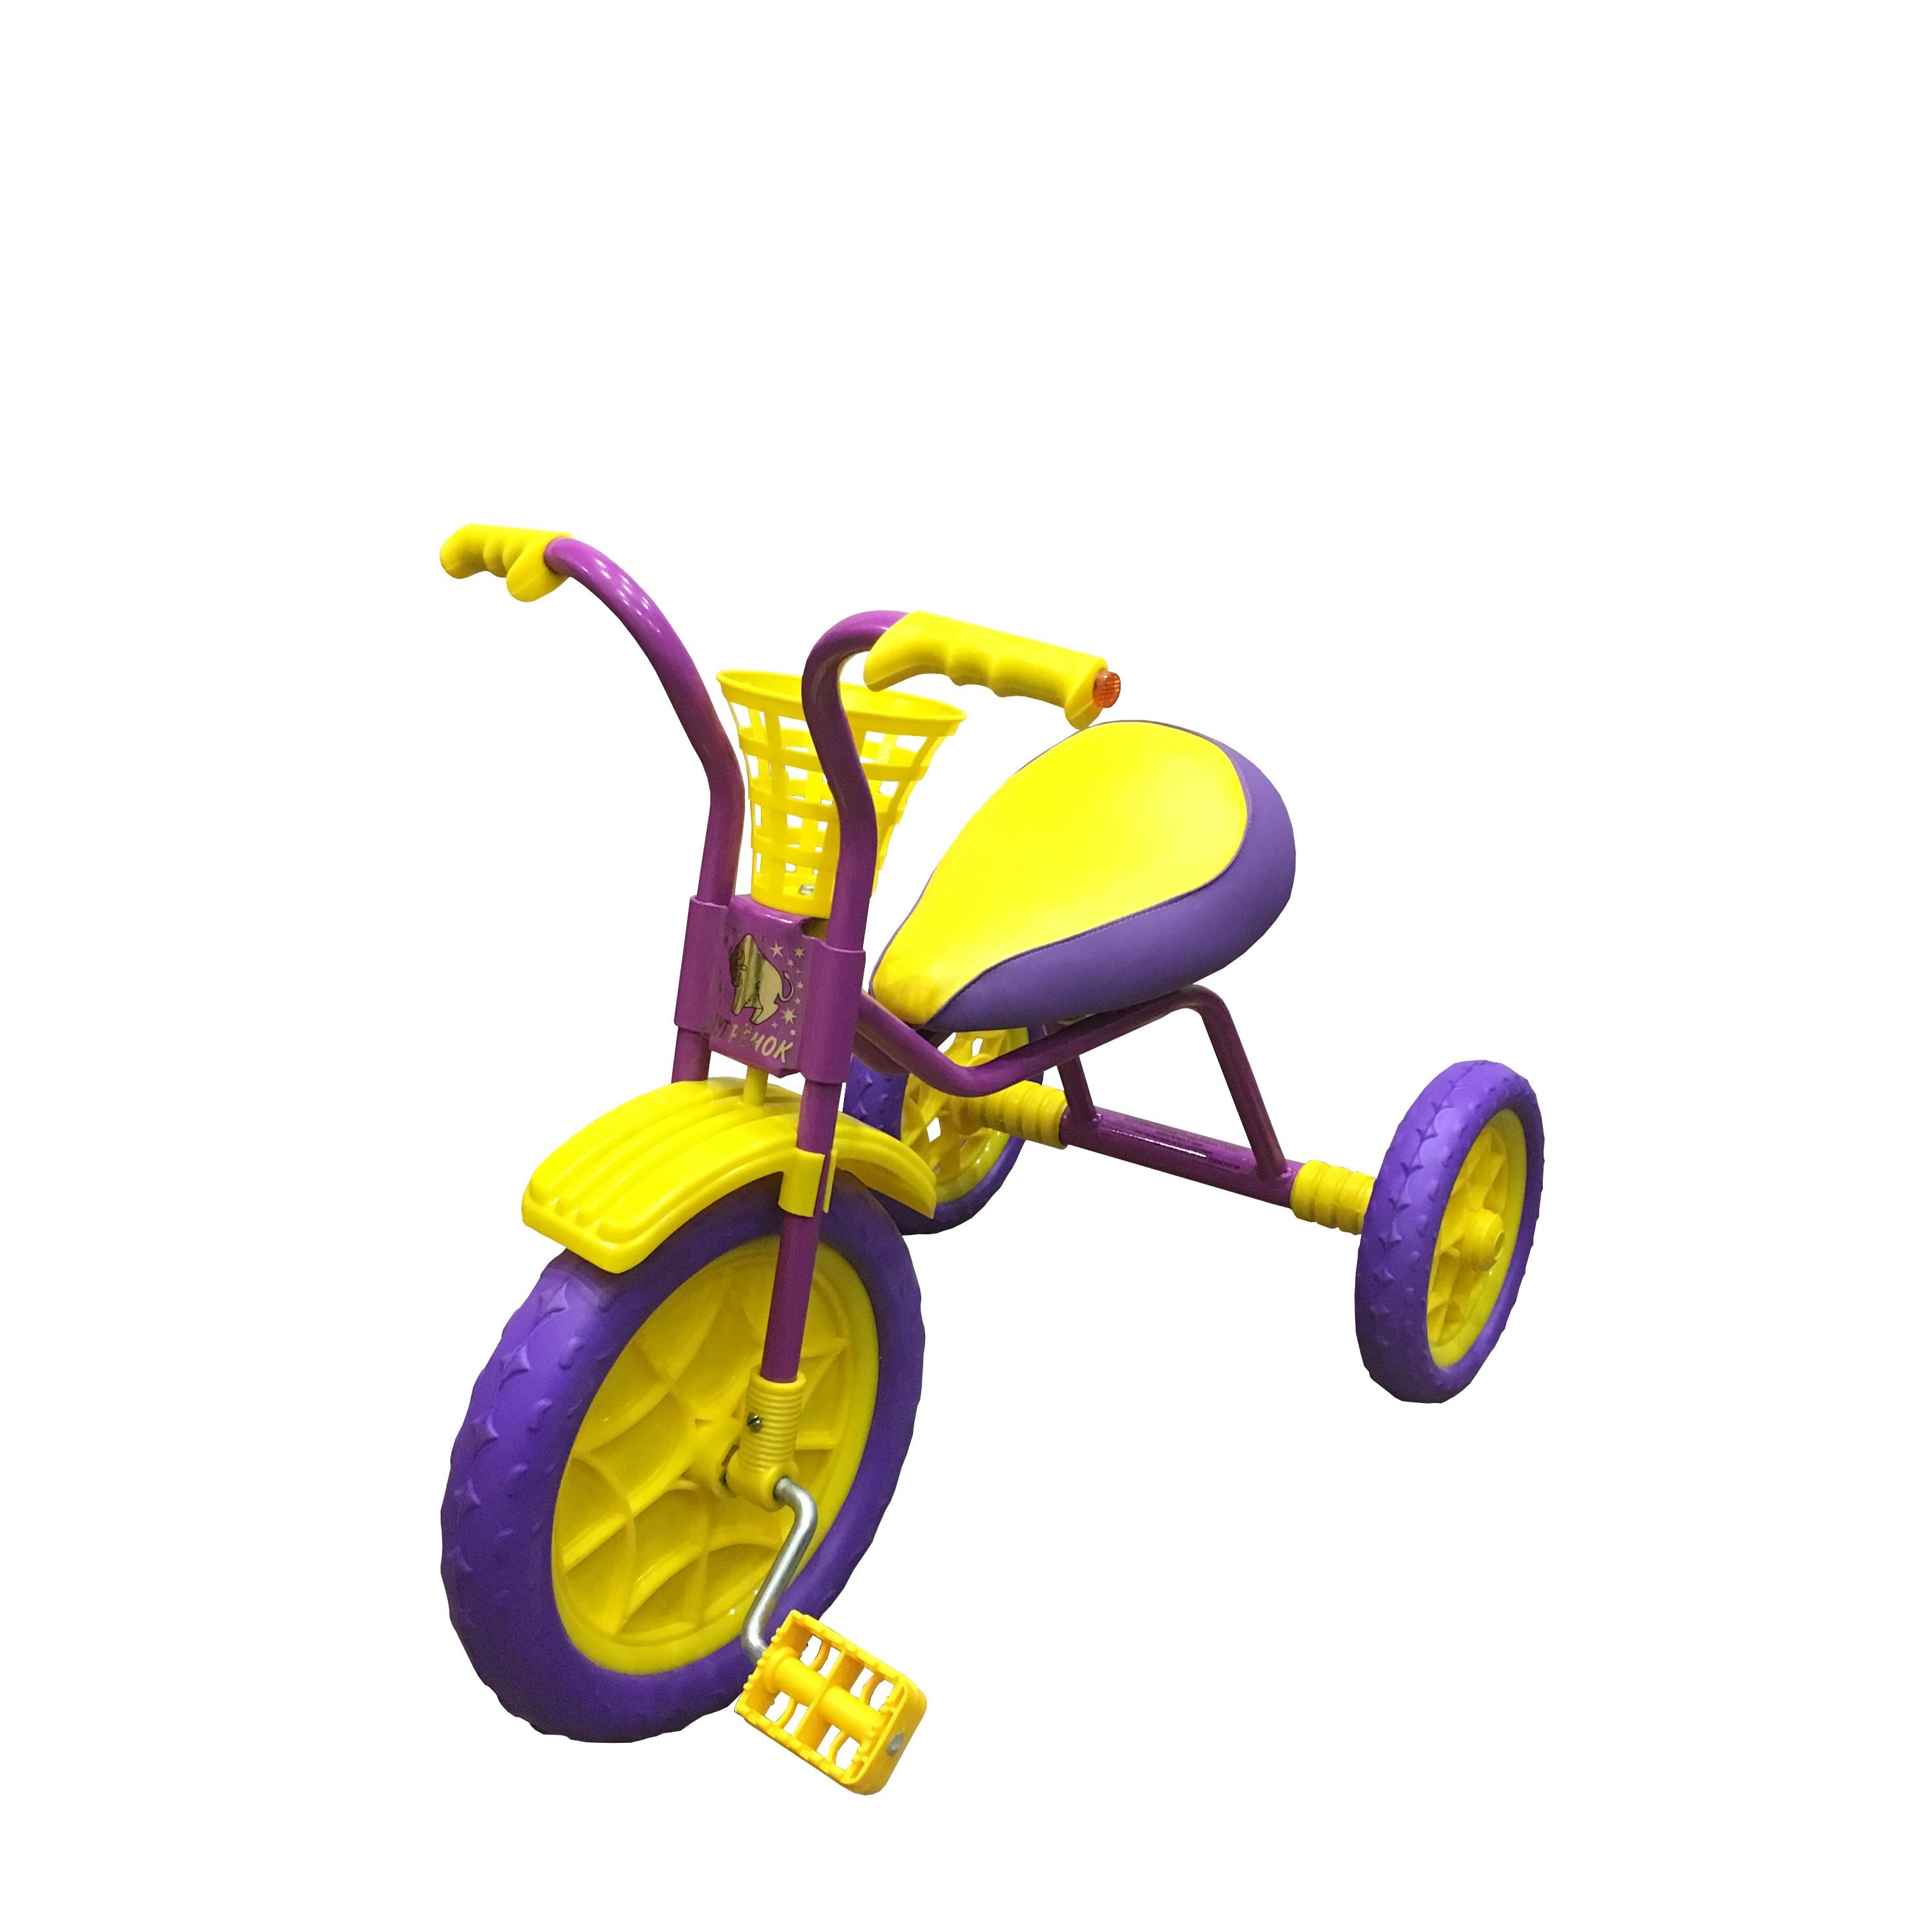 Купить Трехколесный велосипед Woodlines Зубренок Сиреневый, Детские трехколесные велосипеды